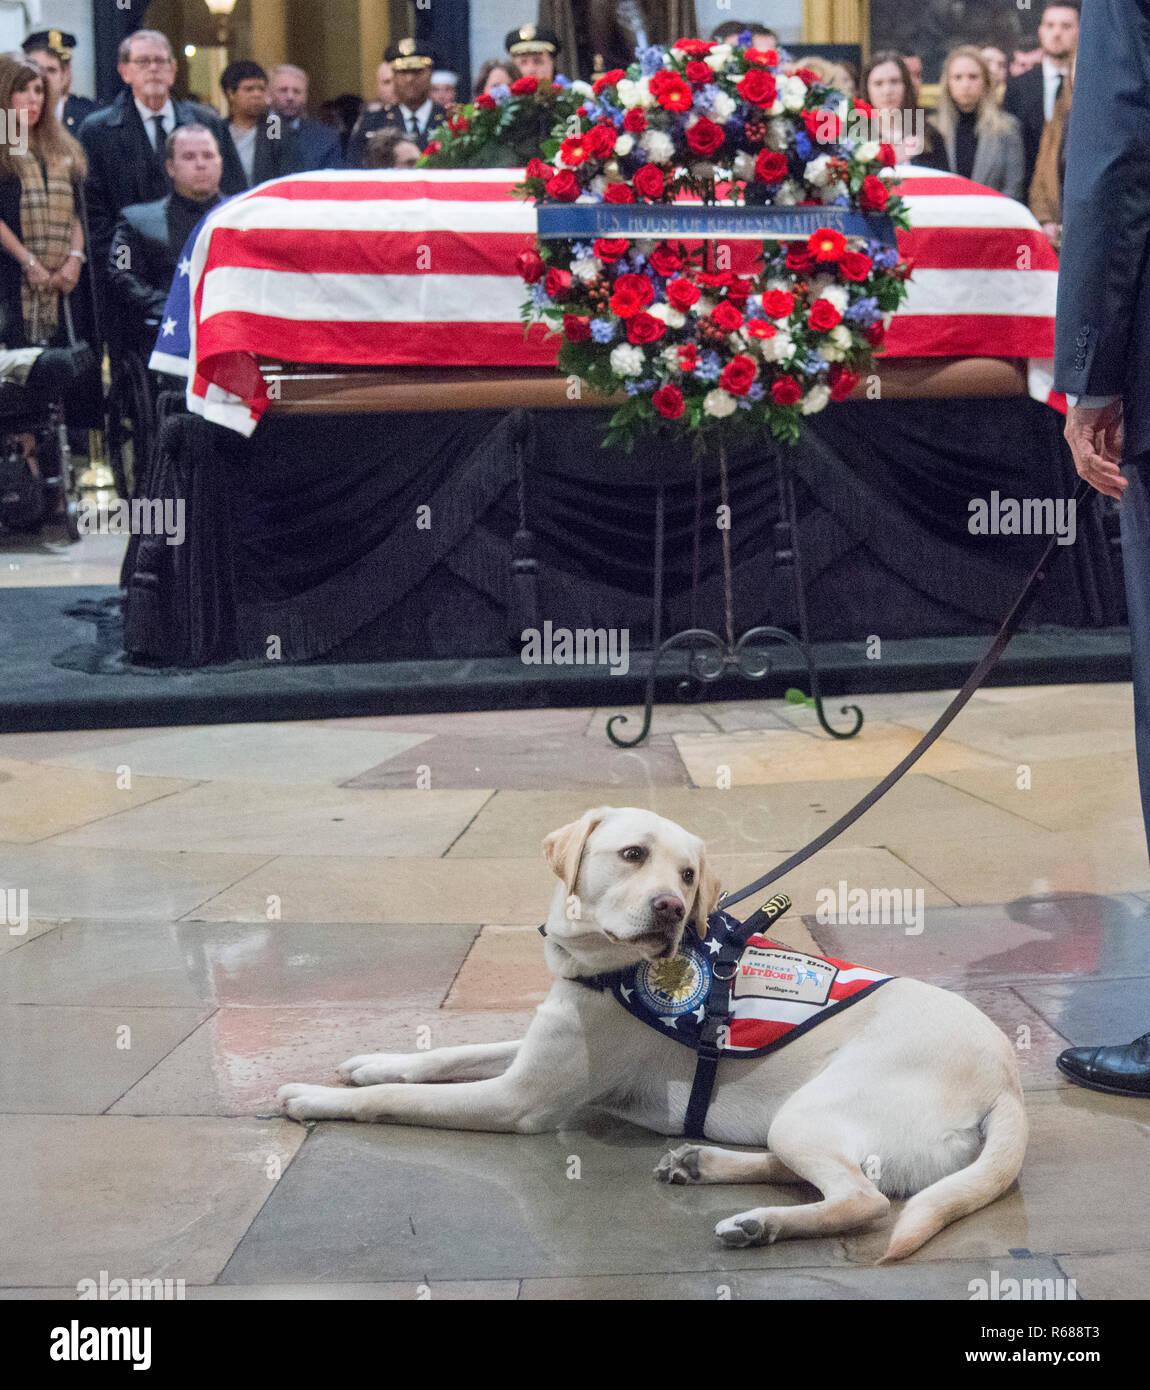 Washington, Estados Unidos. 04 Dec, 2018. Washington, DC, 4 de diciembre de 2018: El ataúd del ex Presidente George H.W. Bush se encuentra en la rotonda del Capitolio de los EE.UU. en Washington DC. Sully, perro de Bush, hizo una breve aparición en la urna. El 41 Presidente falleció el 30 de noviembre de 2018, y será enterrado junto a su esposa e hija en Texas. Crédito: Patsy Lynch/Alamy Live News Imagen De Stock